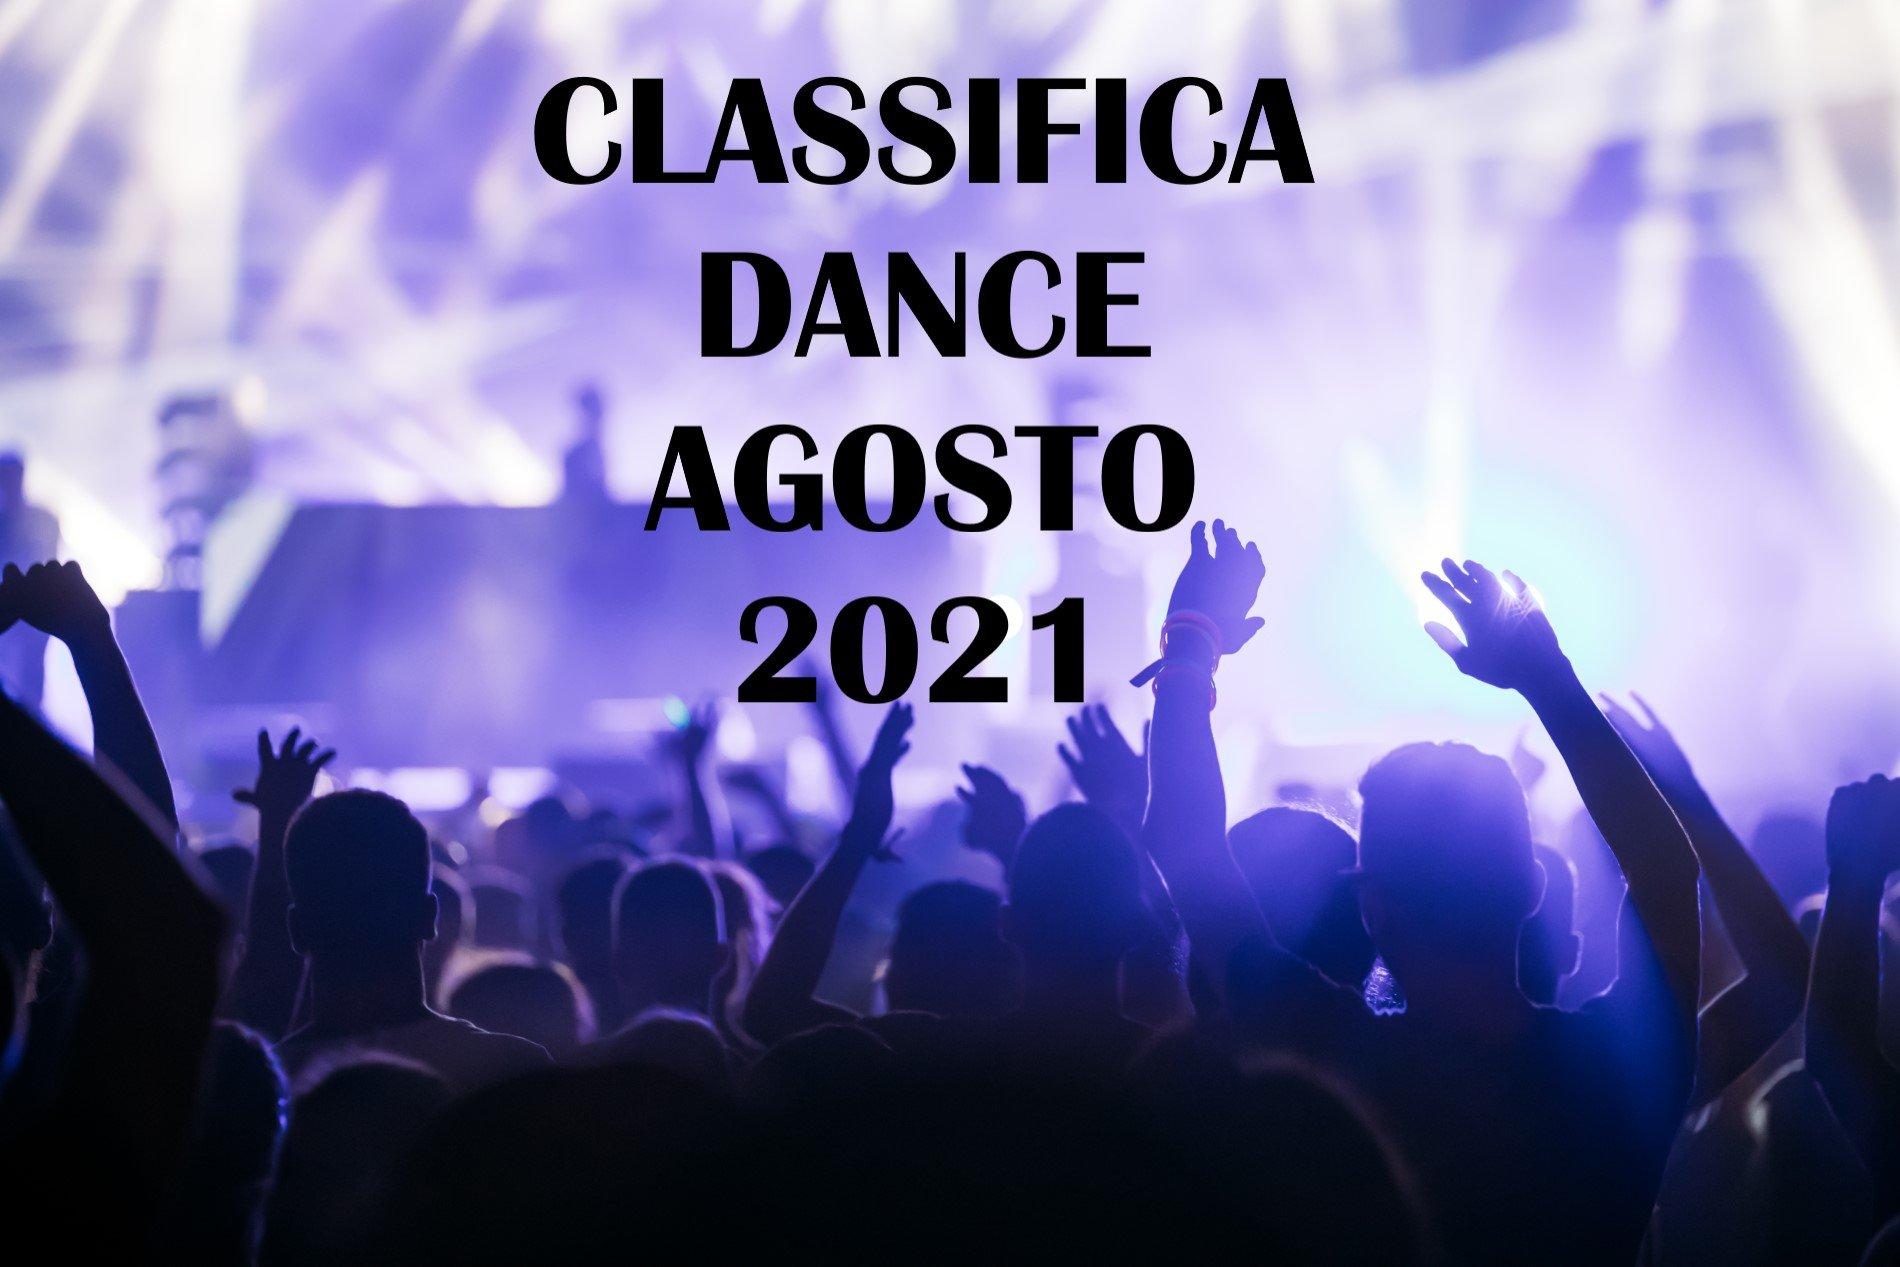 CLASSIFICA DANCE AGOSTO 2021 - Musica Dance del Momento AGOSTO 2021